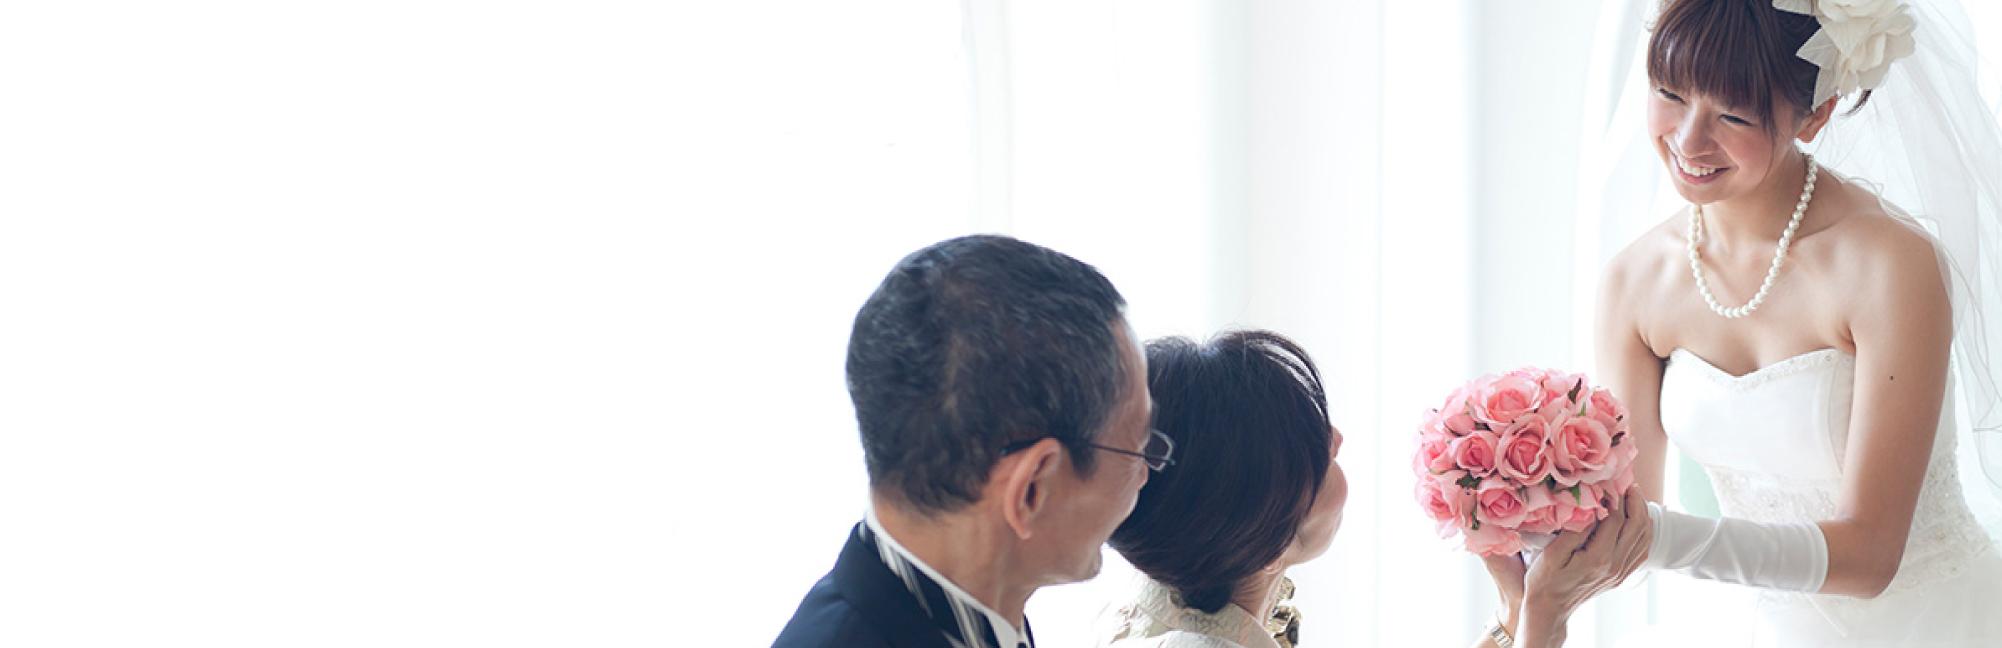 結婚式同行サービス 大切な日を、大切な人と迎える幸せ